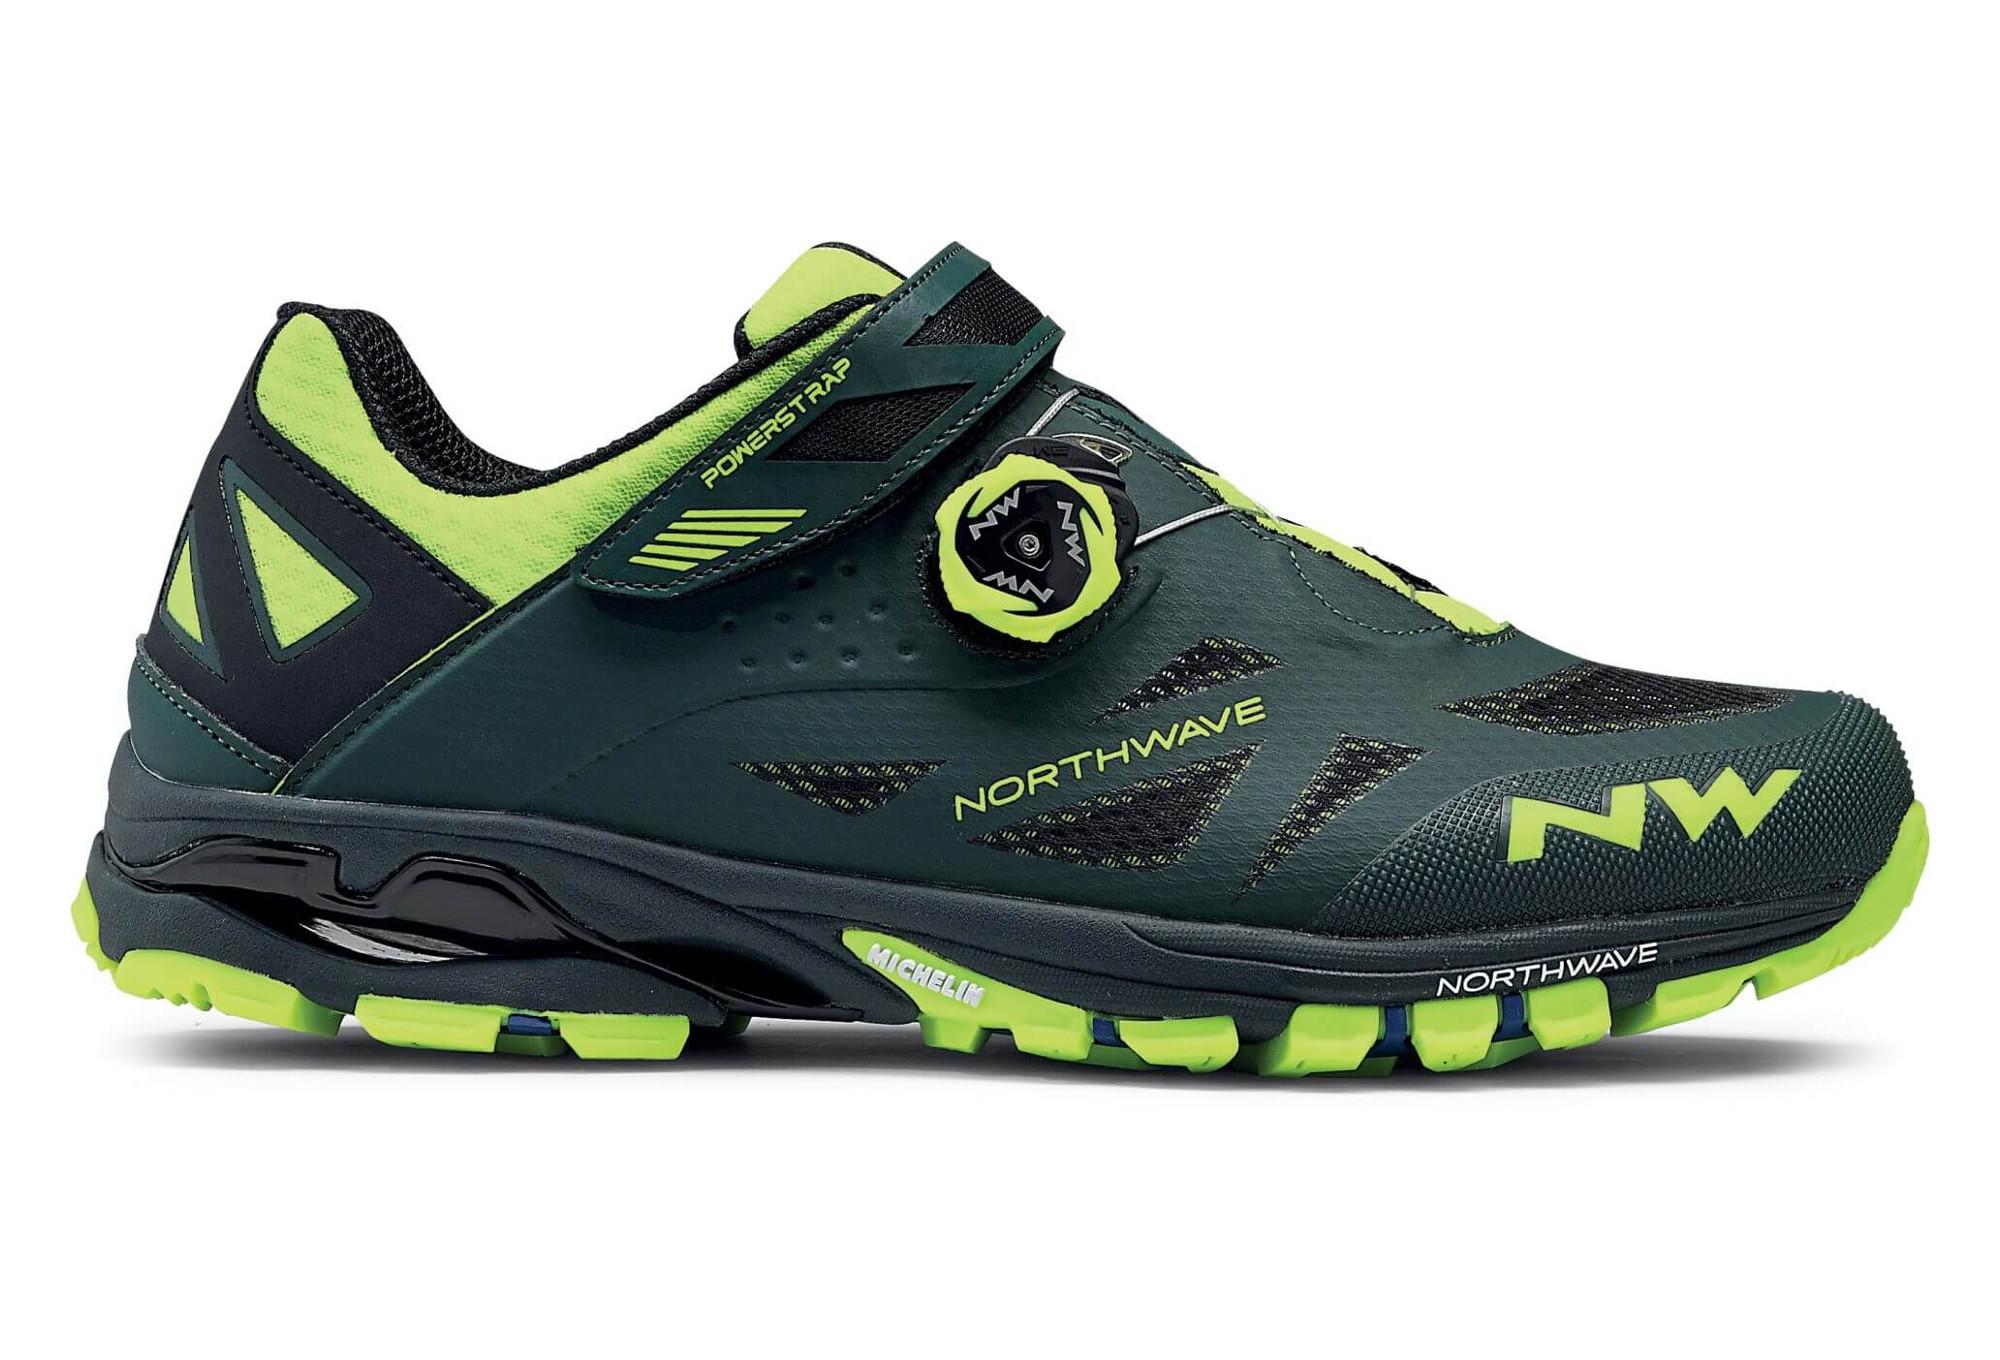 81553429ca2 Chaussures VTT Northwave Spider Plus 2 Vert Jaune